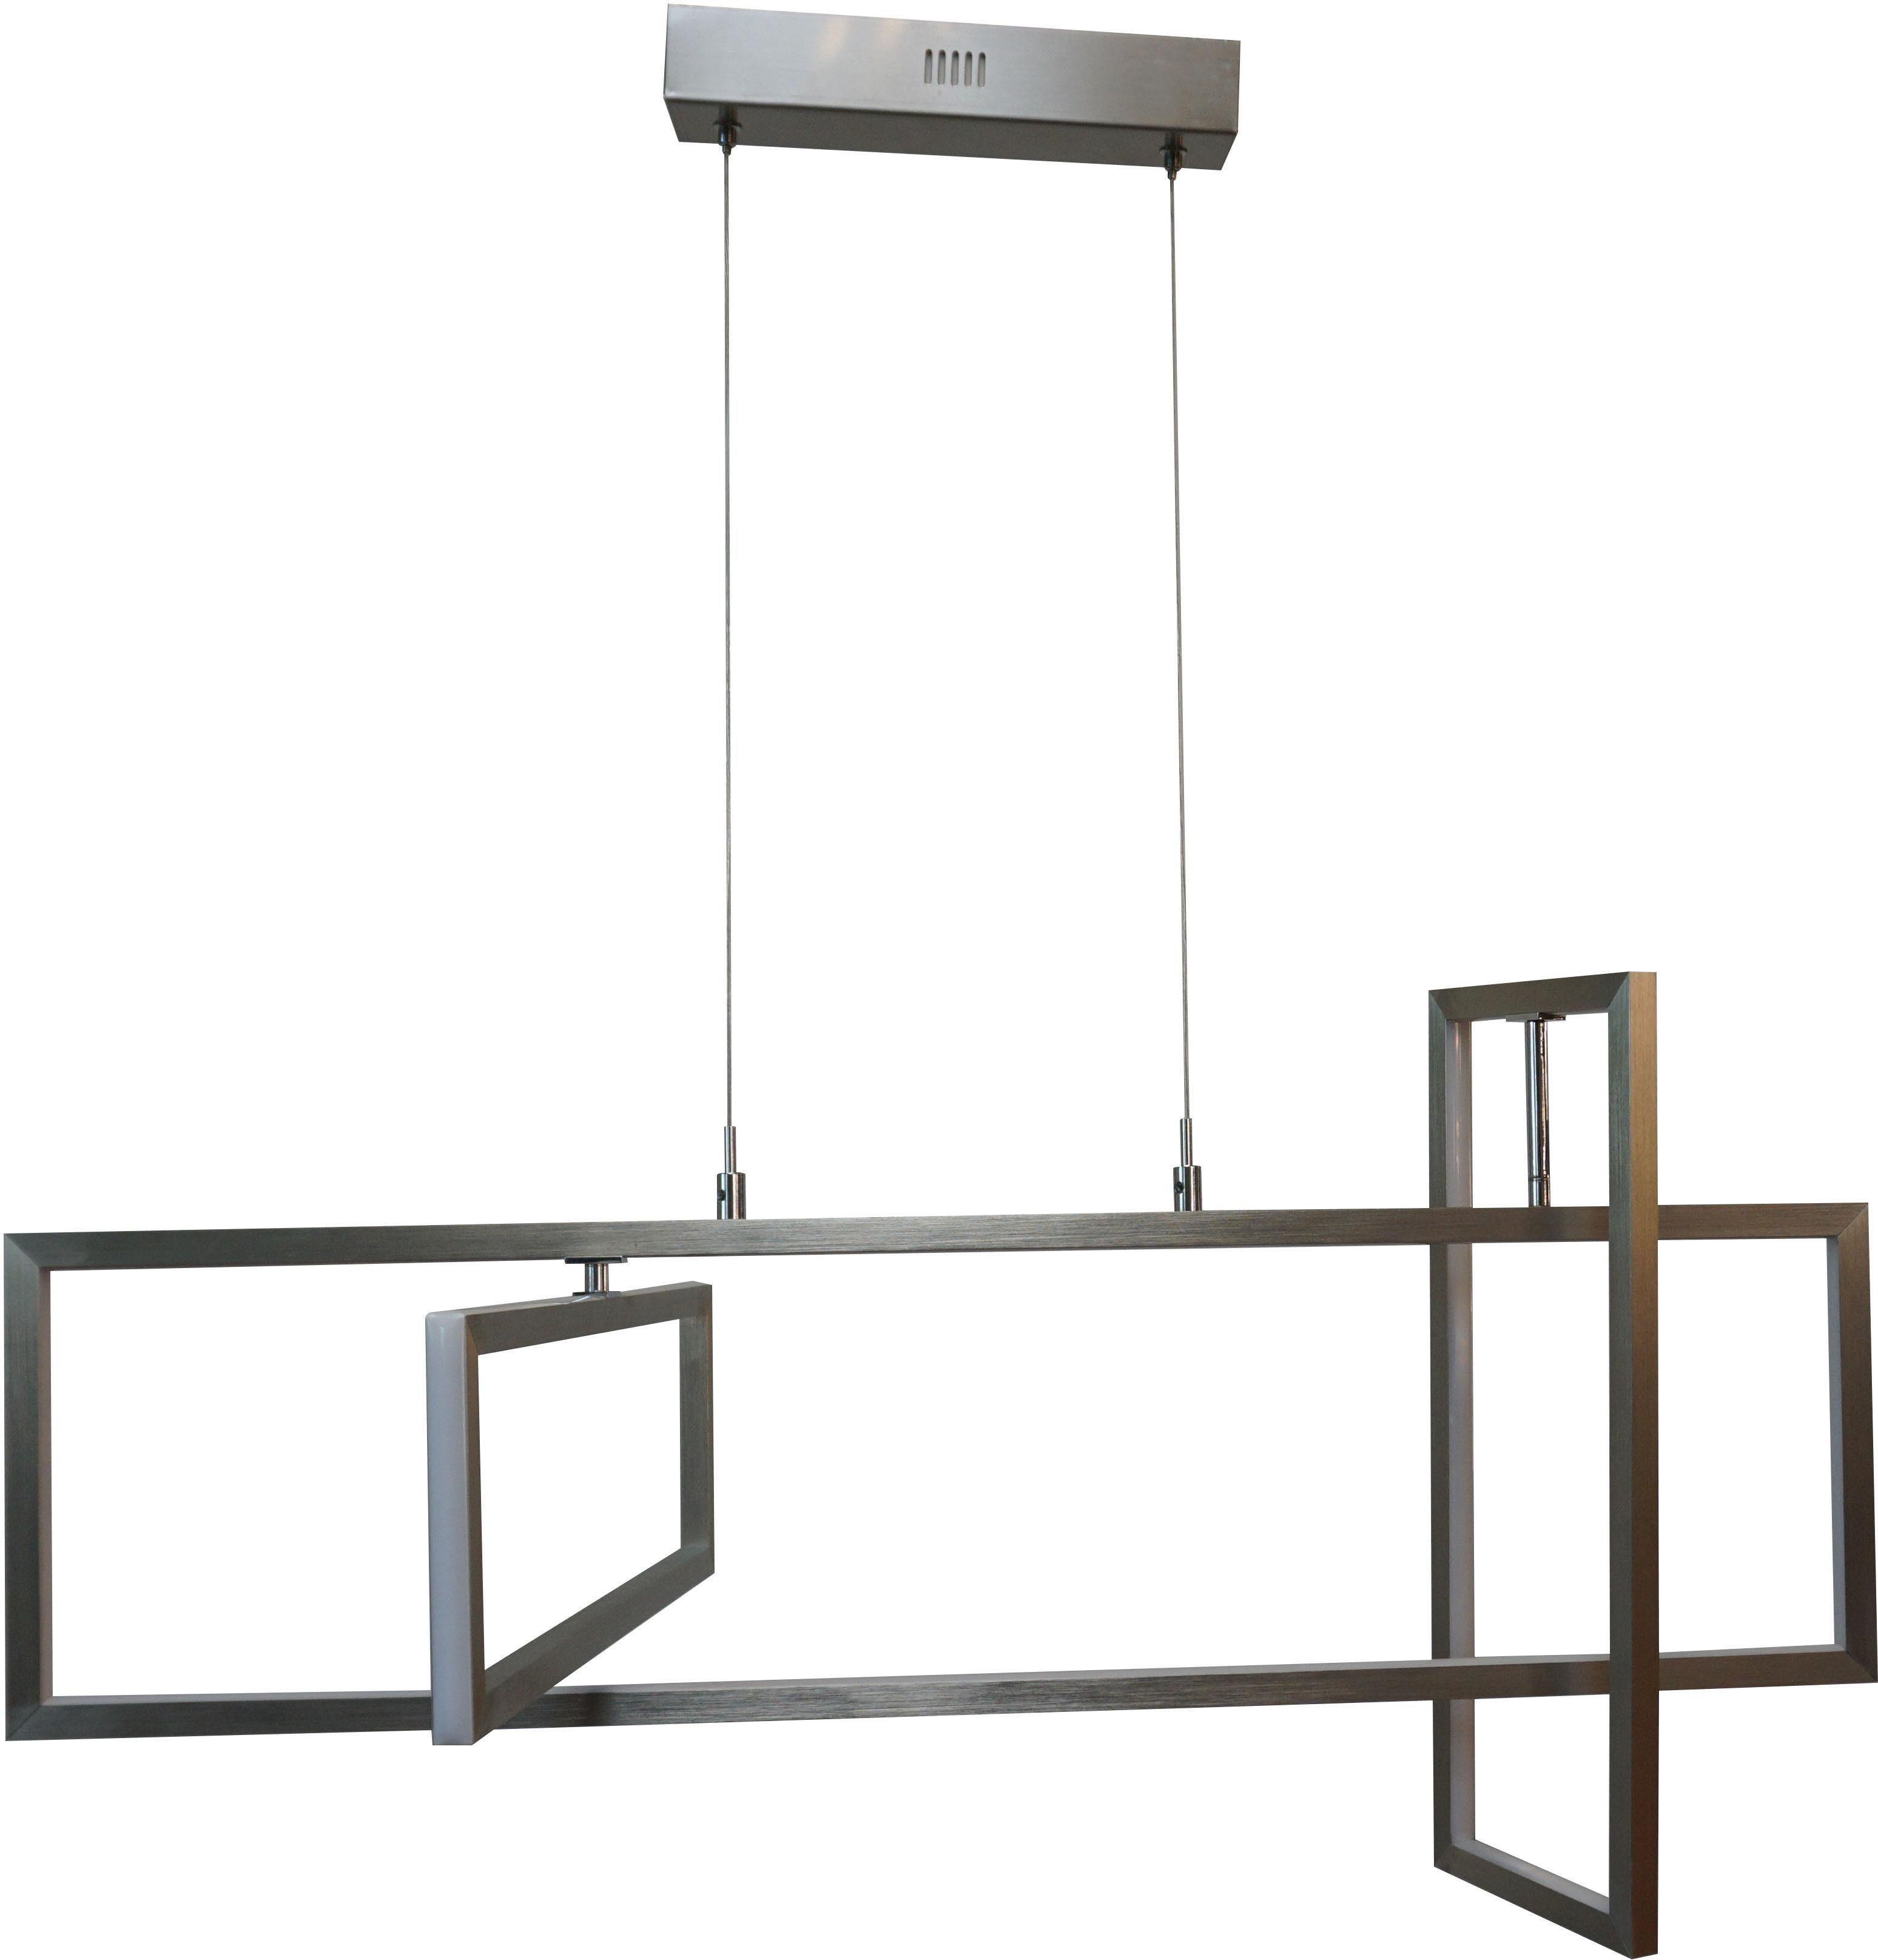 WOFI Pendelleuchte FIONA, LED-Board, Warmweiß, Hängeleuchte, Hängelampe